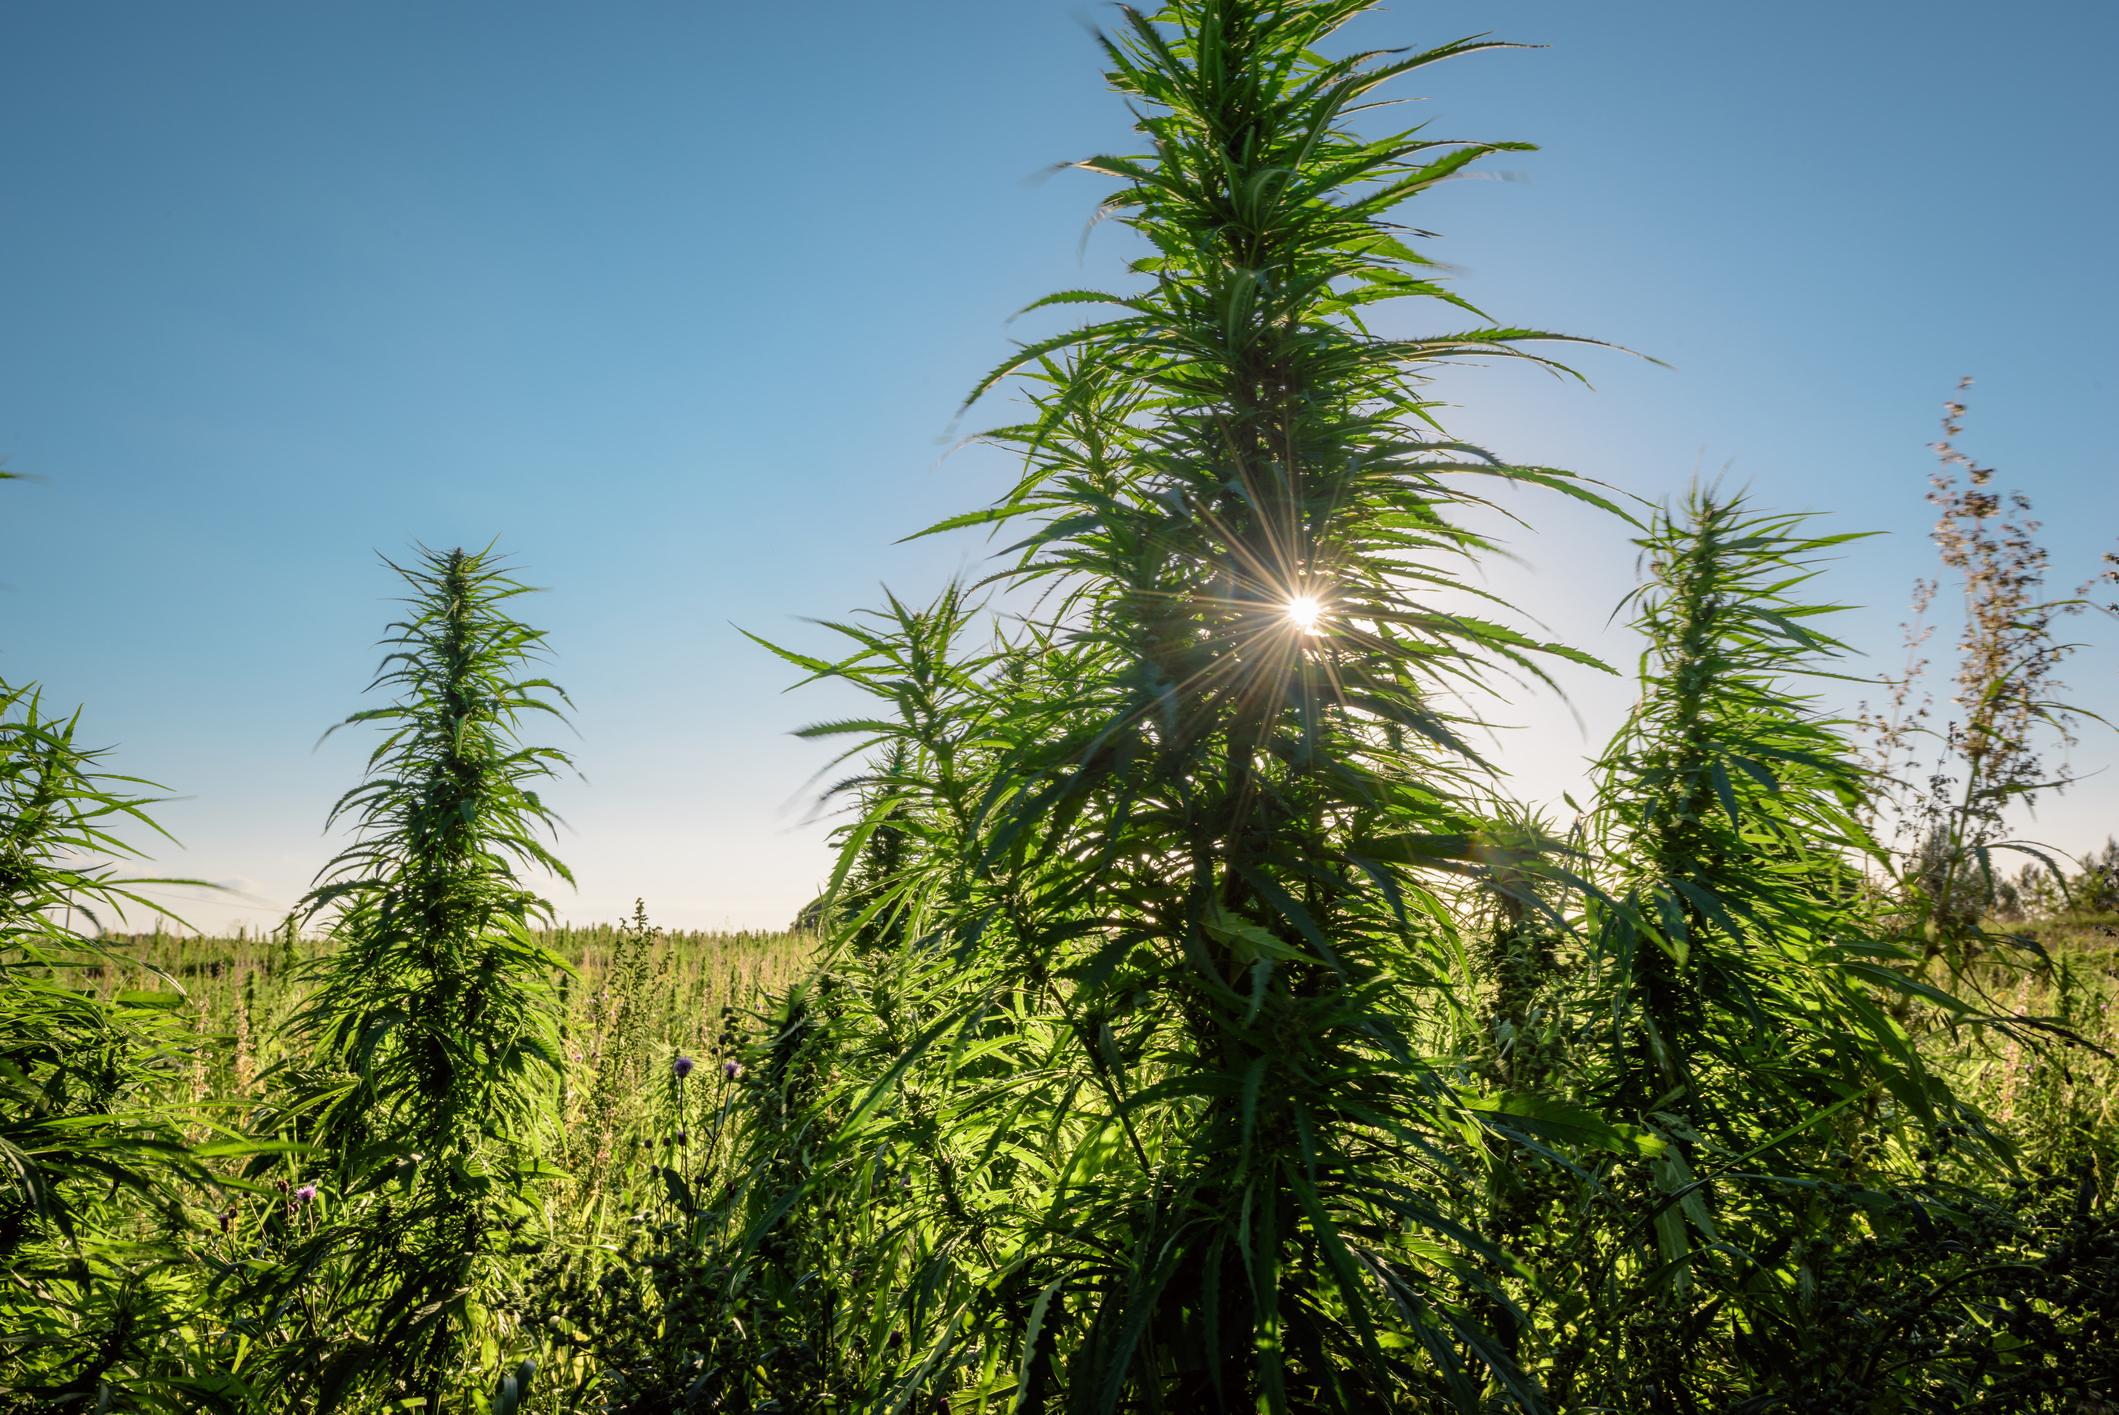 An outdoor hemp grow farm.